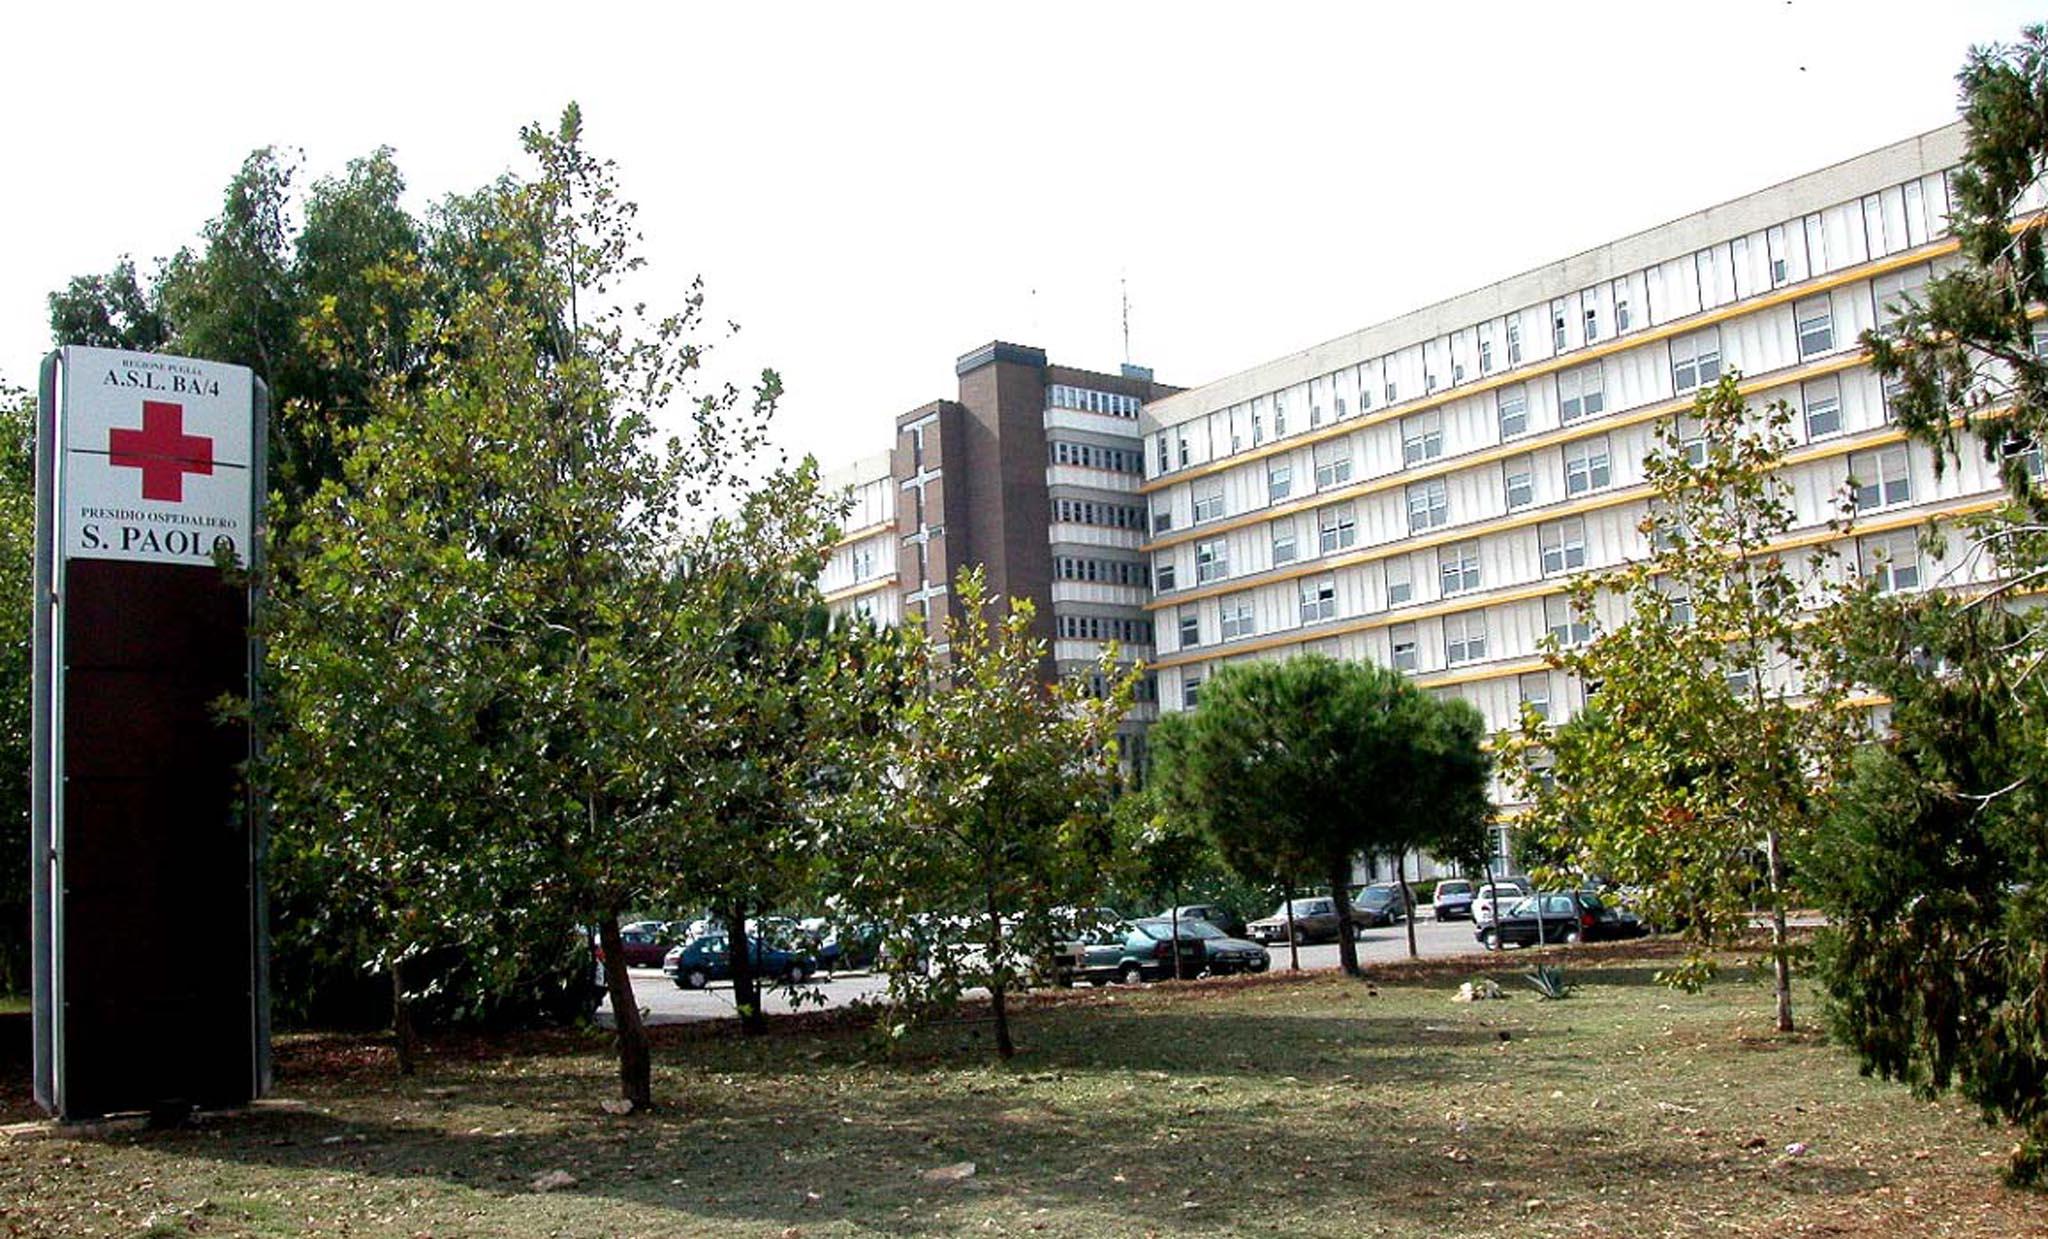 Neonata morta in ospedale a Bari: indagine e autopsia sul corpicino